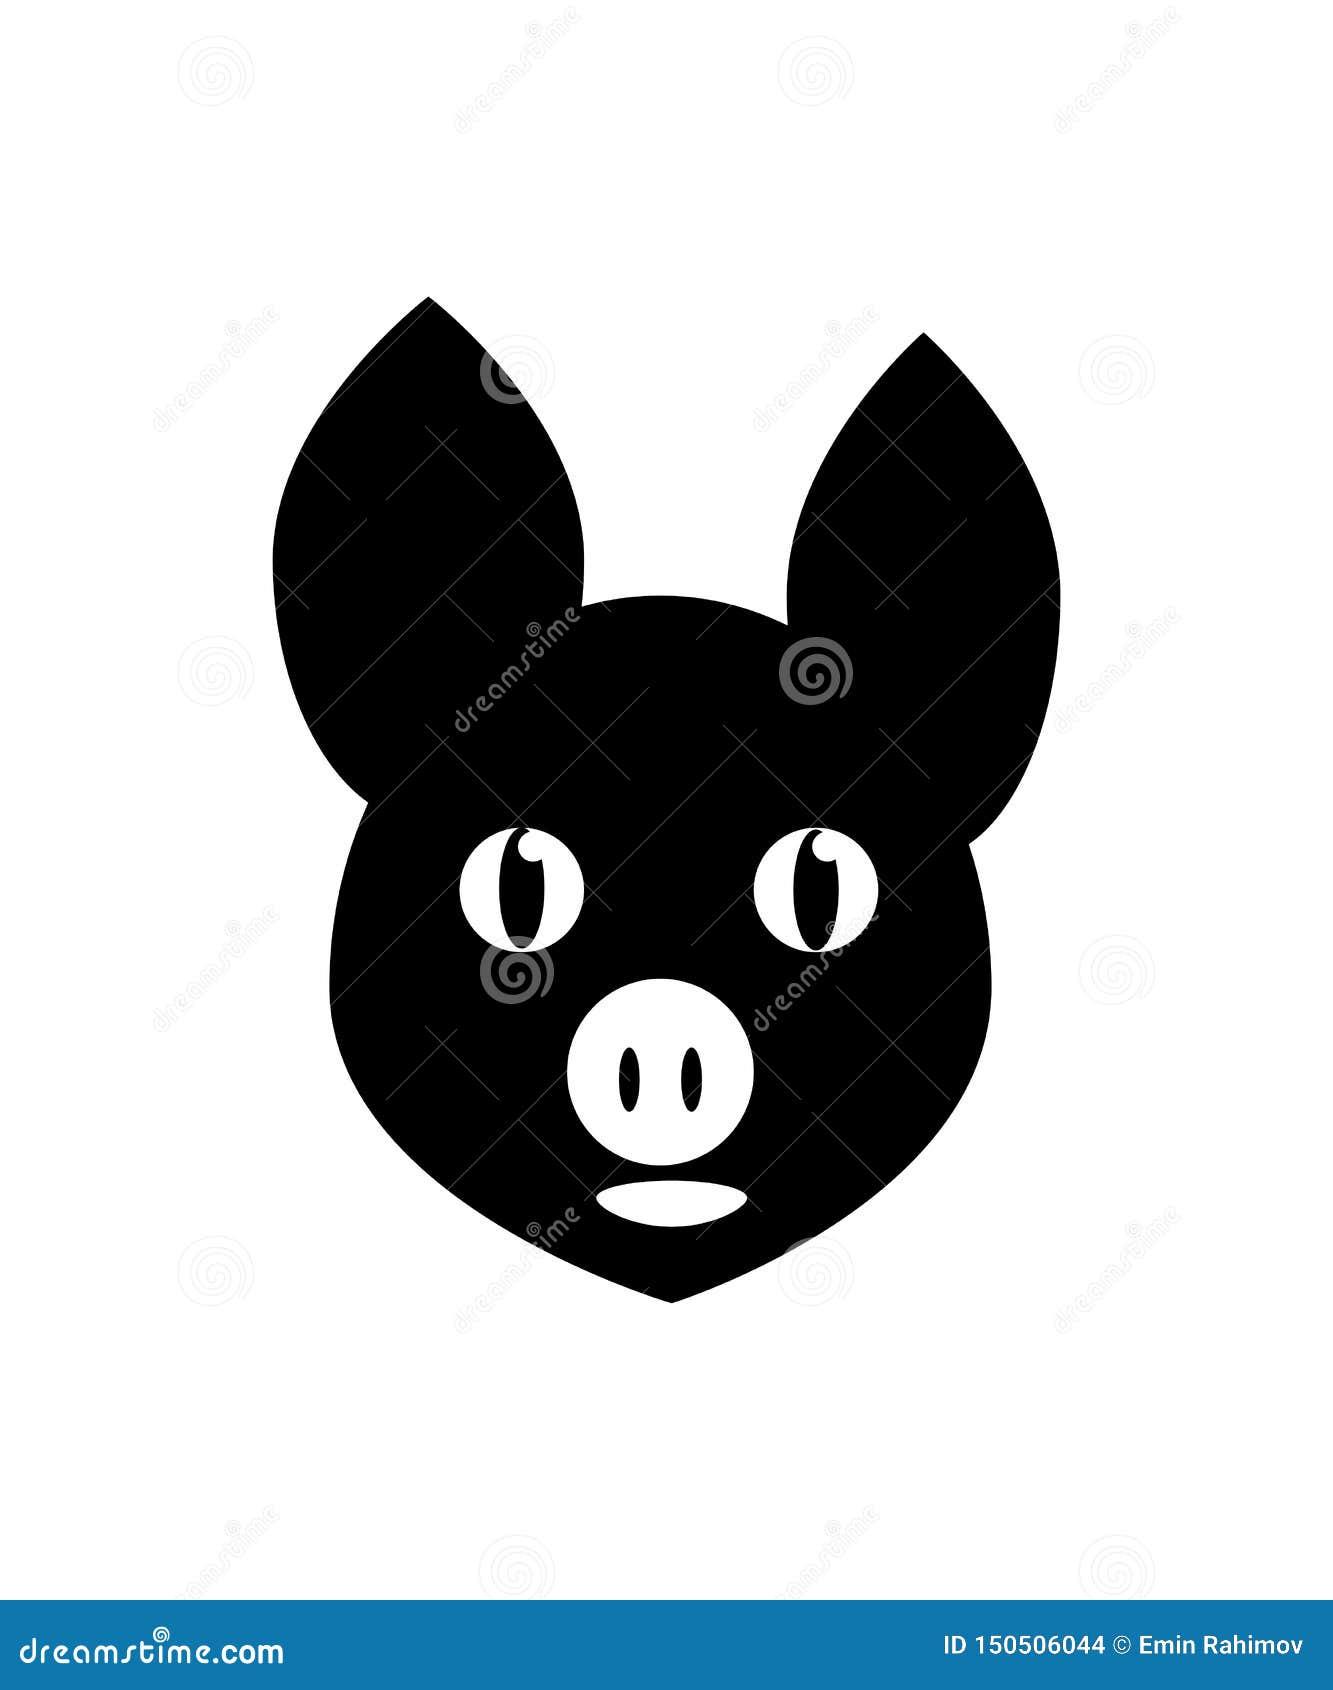 Die kopf- schwarze Ikone des Schweins